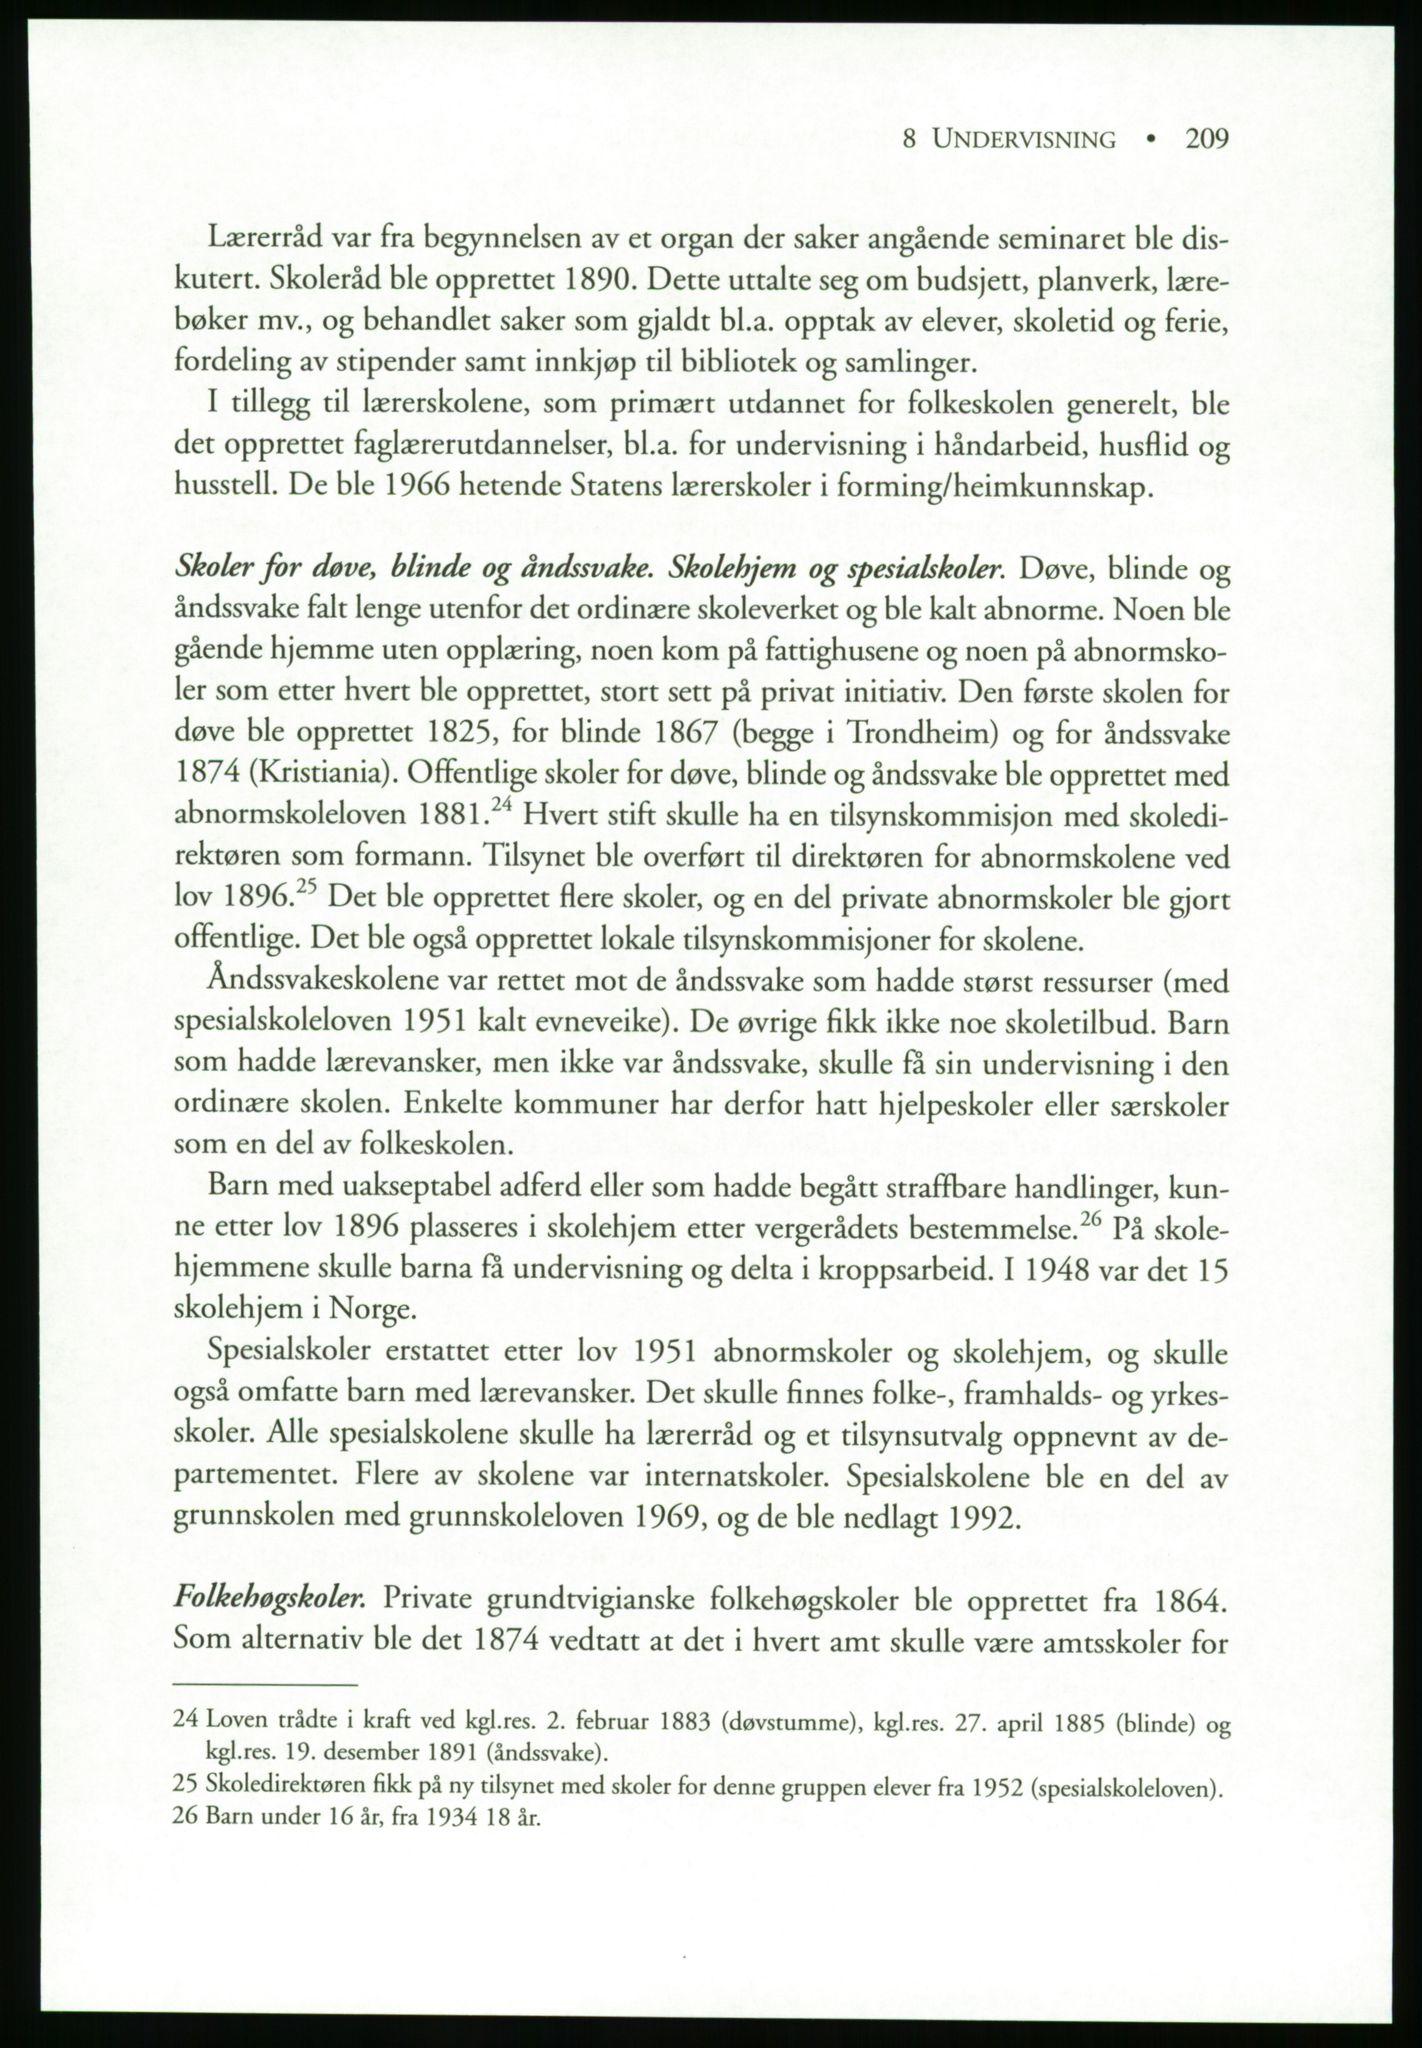 PUBL, Publikasjoner utgitt av Arkivverket, -/19: Liv Mykland: Håndbok for brukere av statsarkivene (2005), s. 209